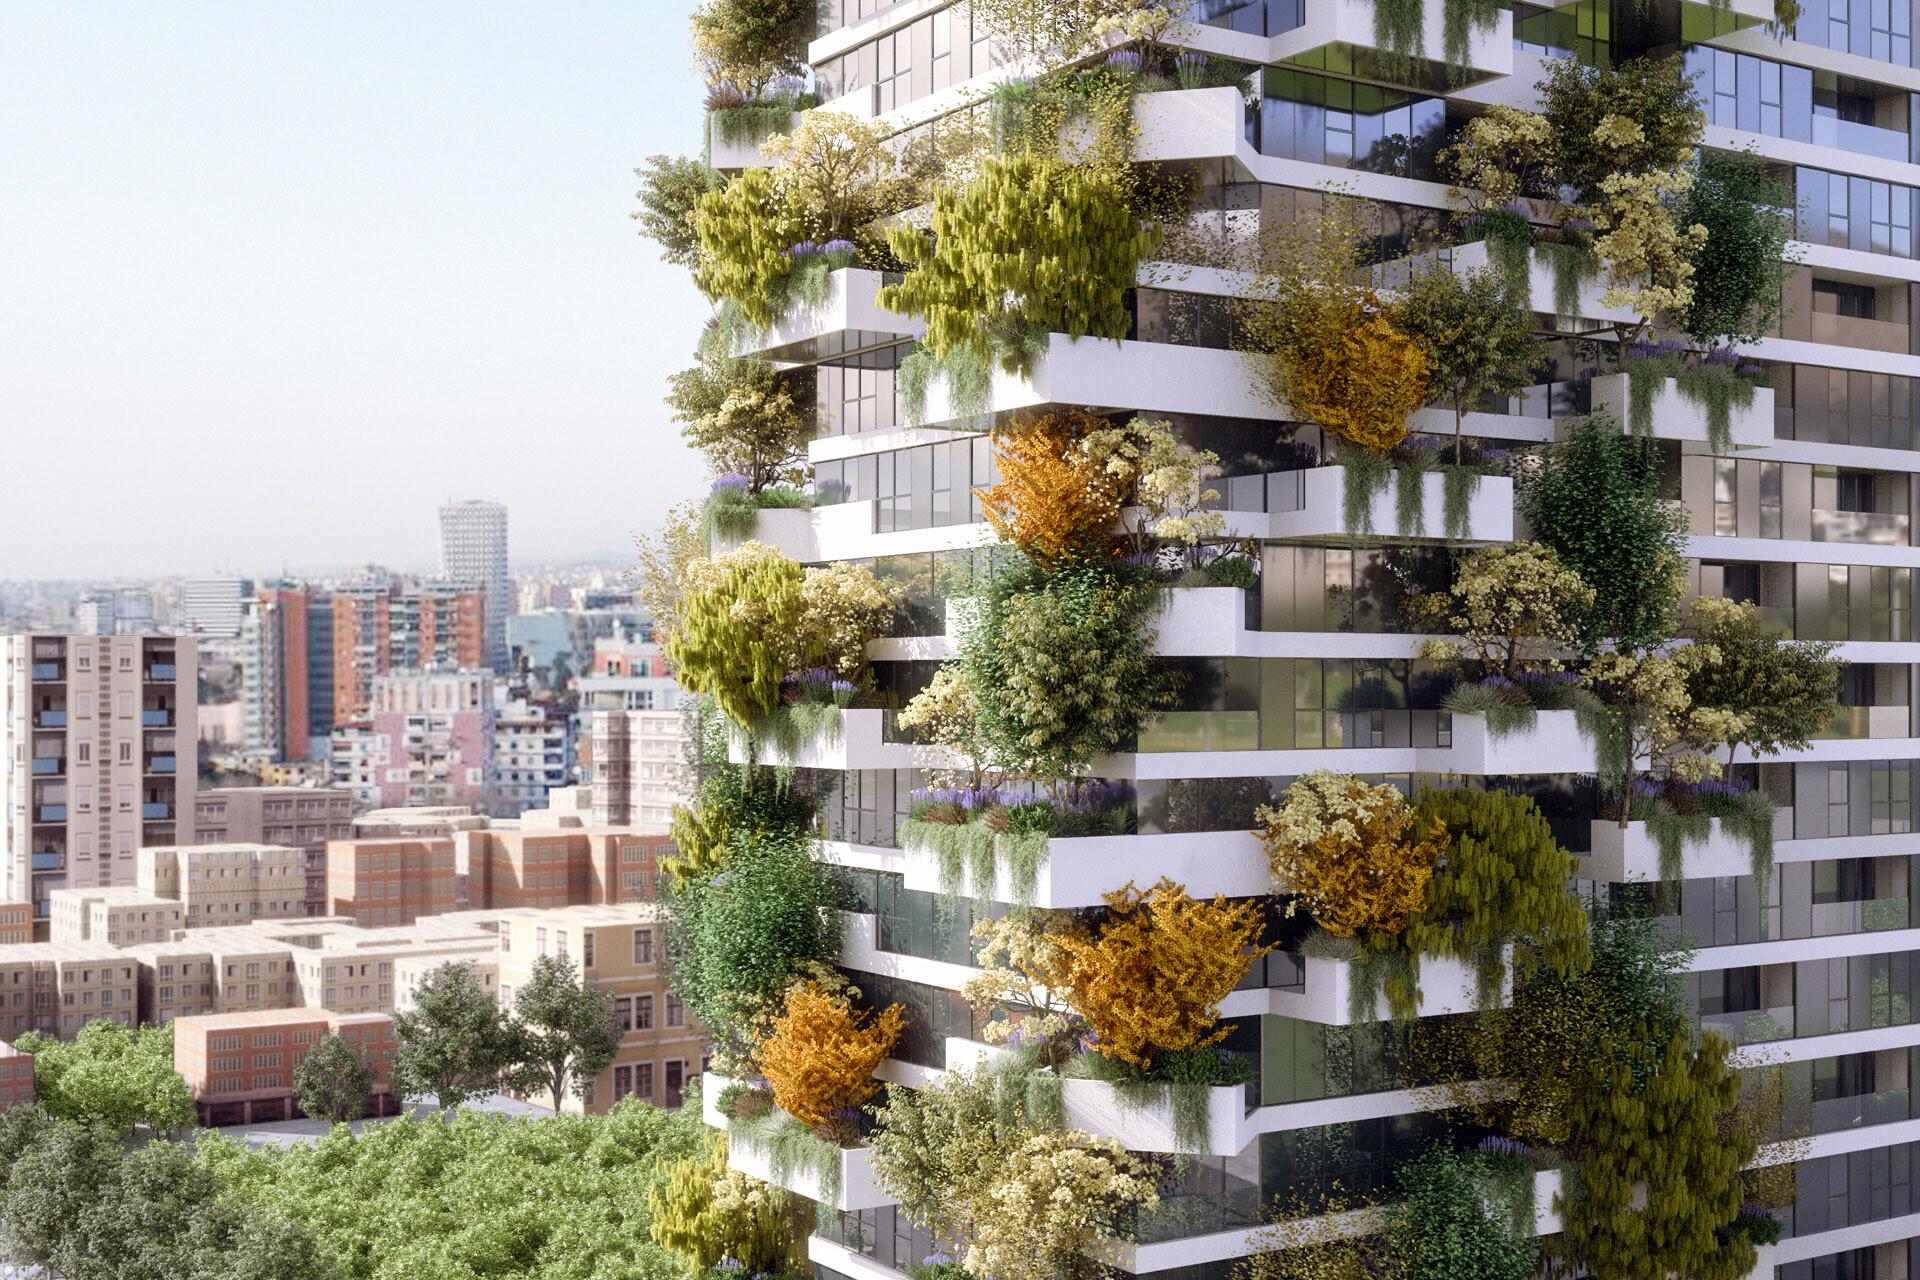 Progettazione facciate Bosco VerticaleFacade Design Vertical Forrest Tirana